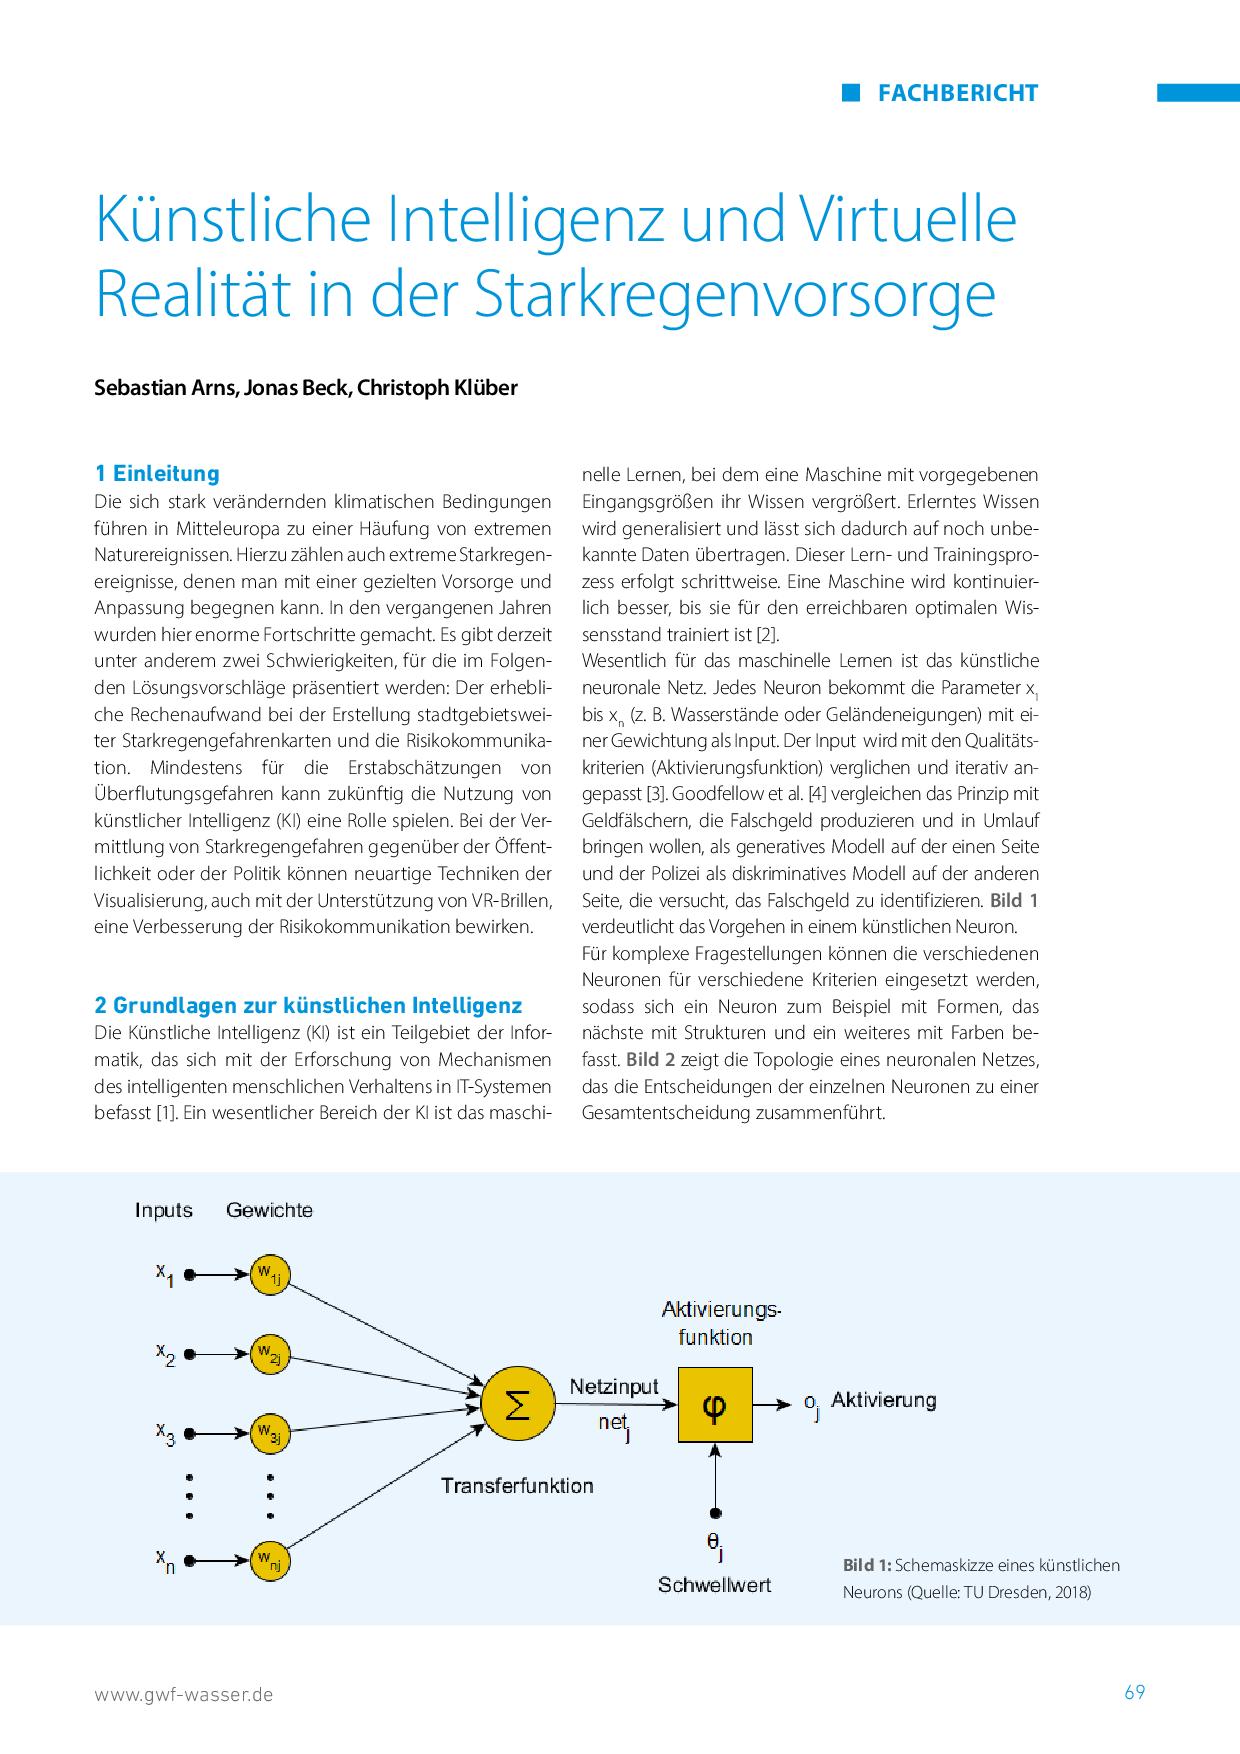 Künstliche Intelligenz und Virtuelle Realität in der Starkregenvorsorge